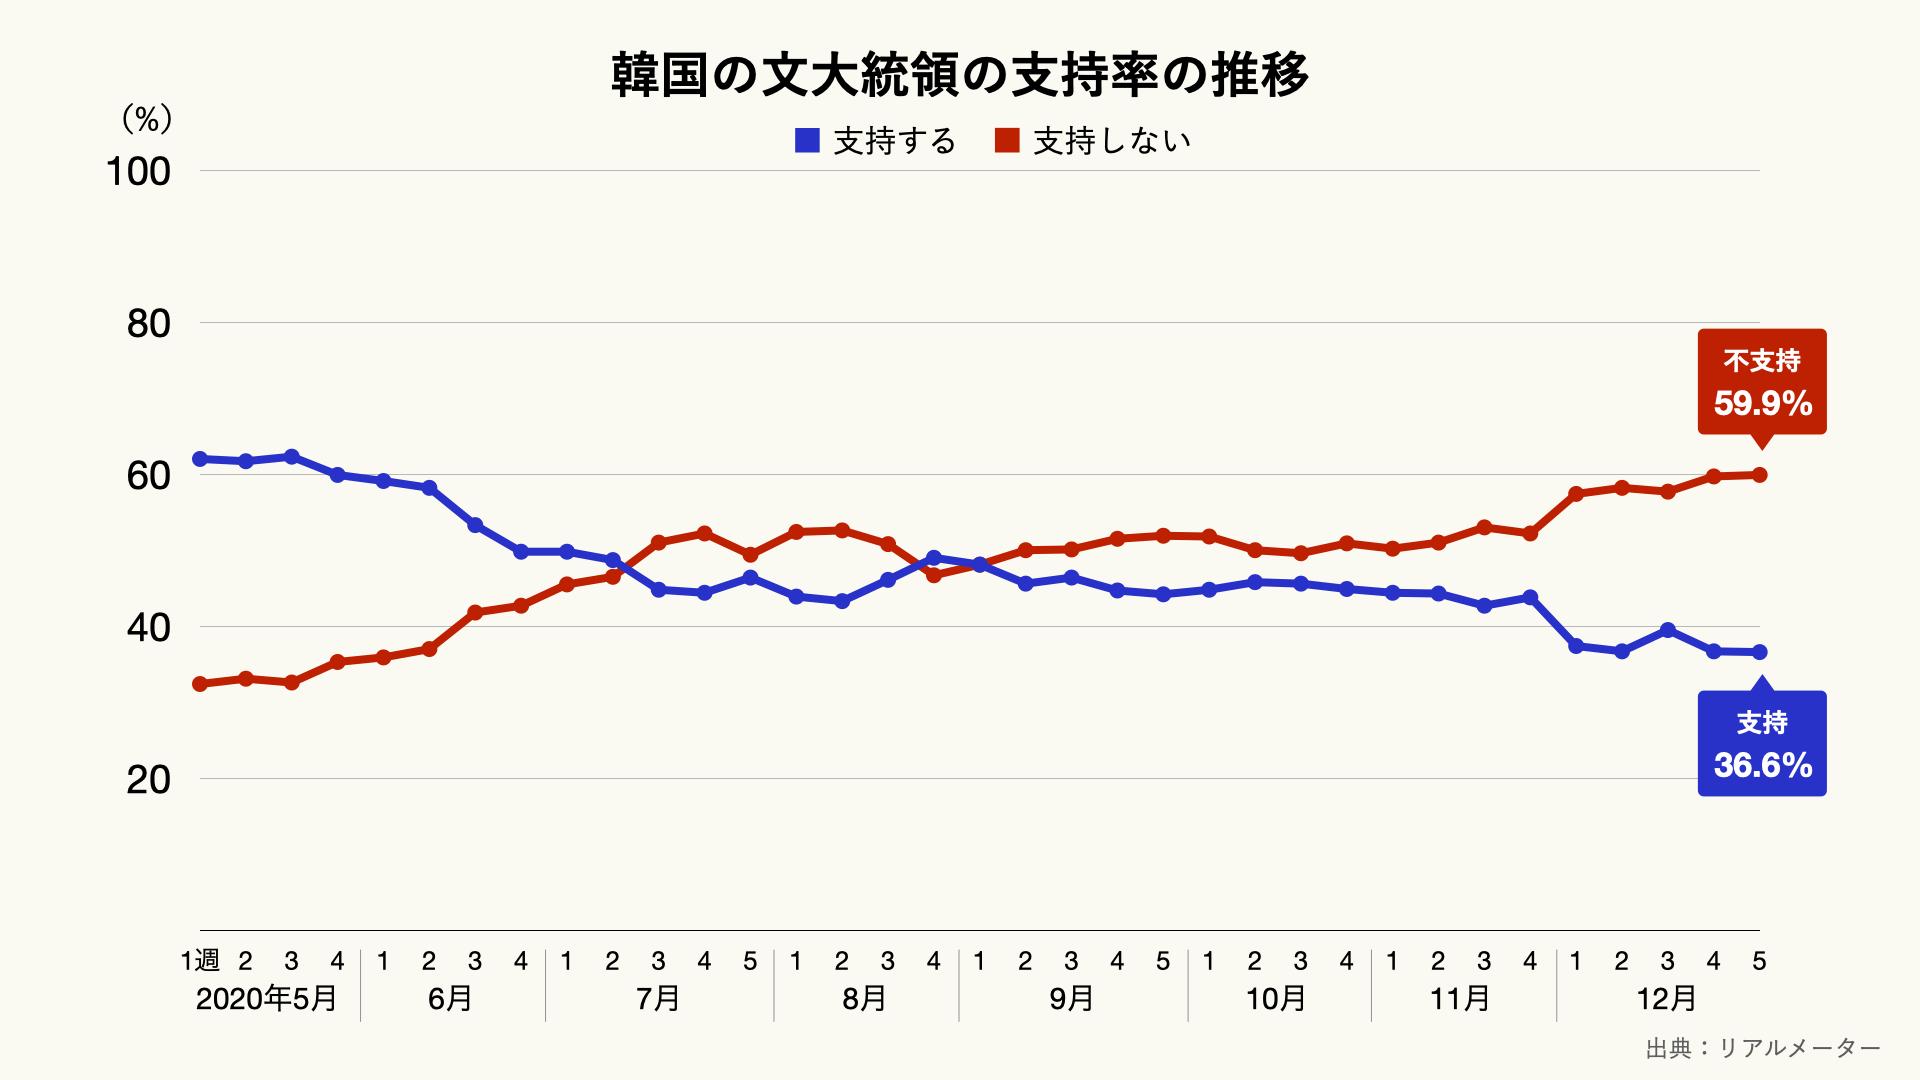 韓国の大統領の支持率の推移のグラフ